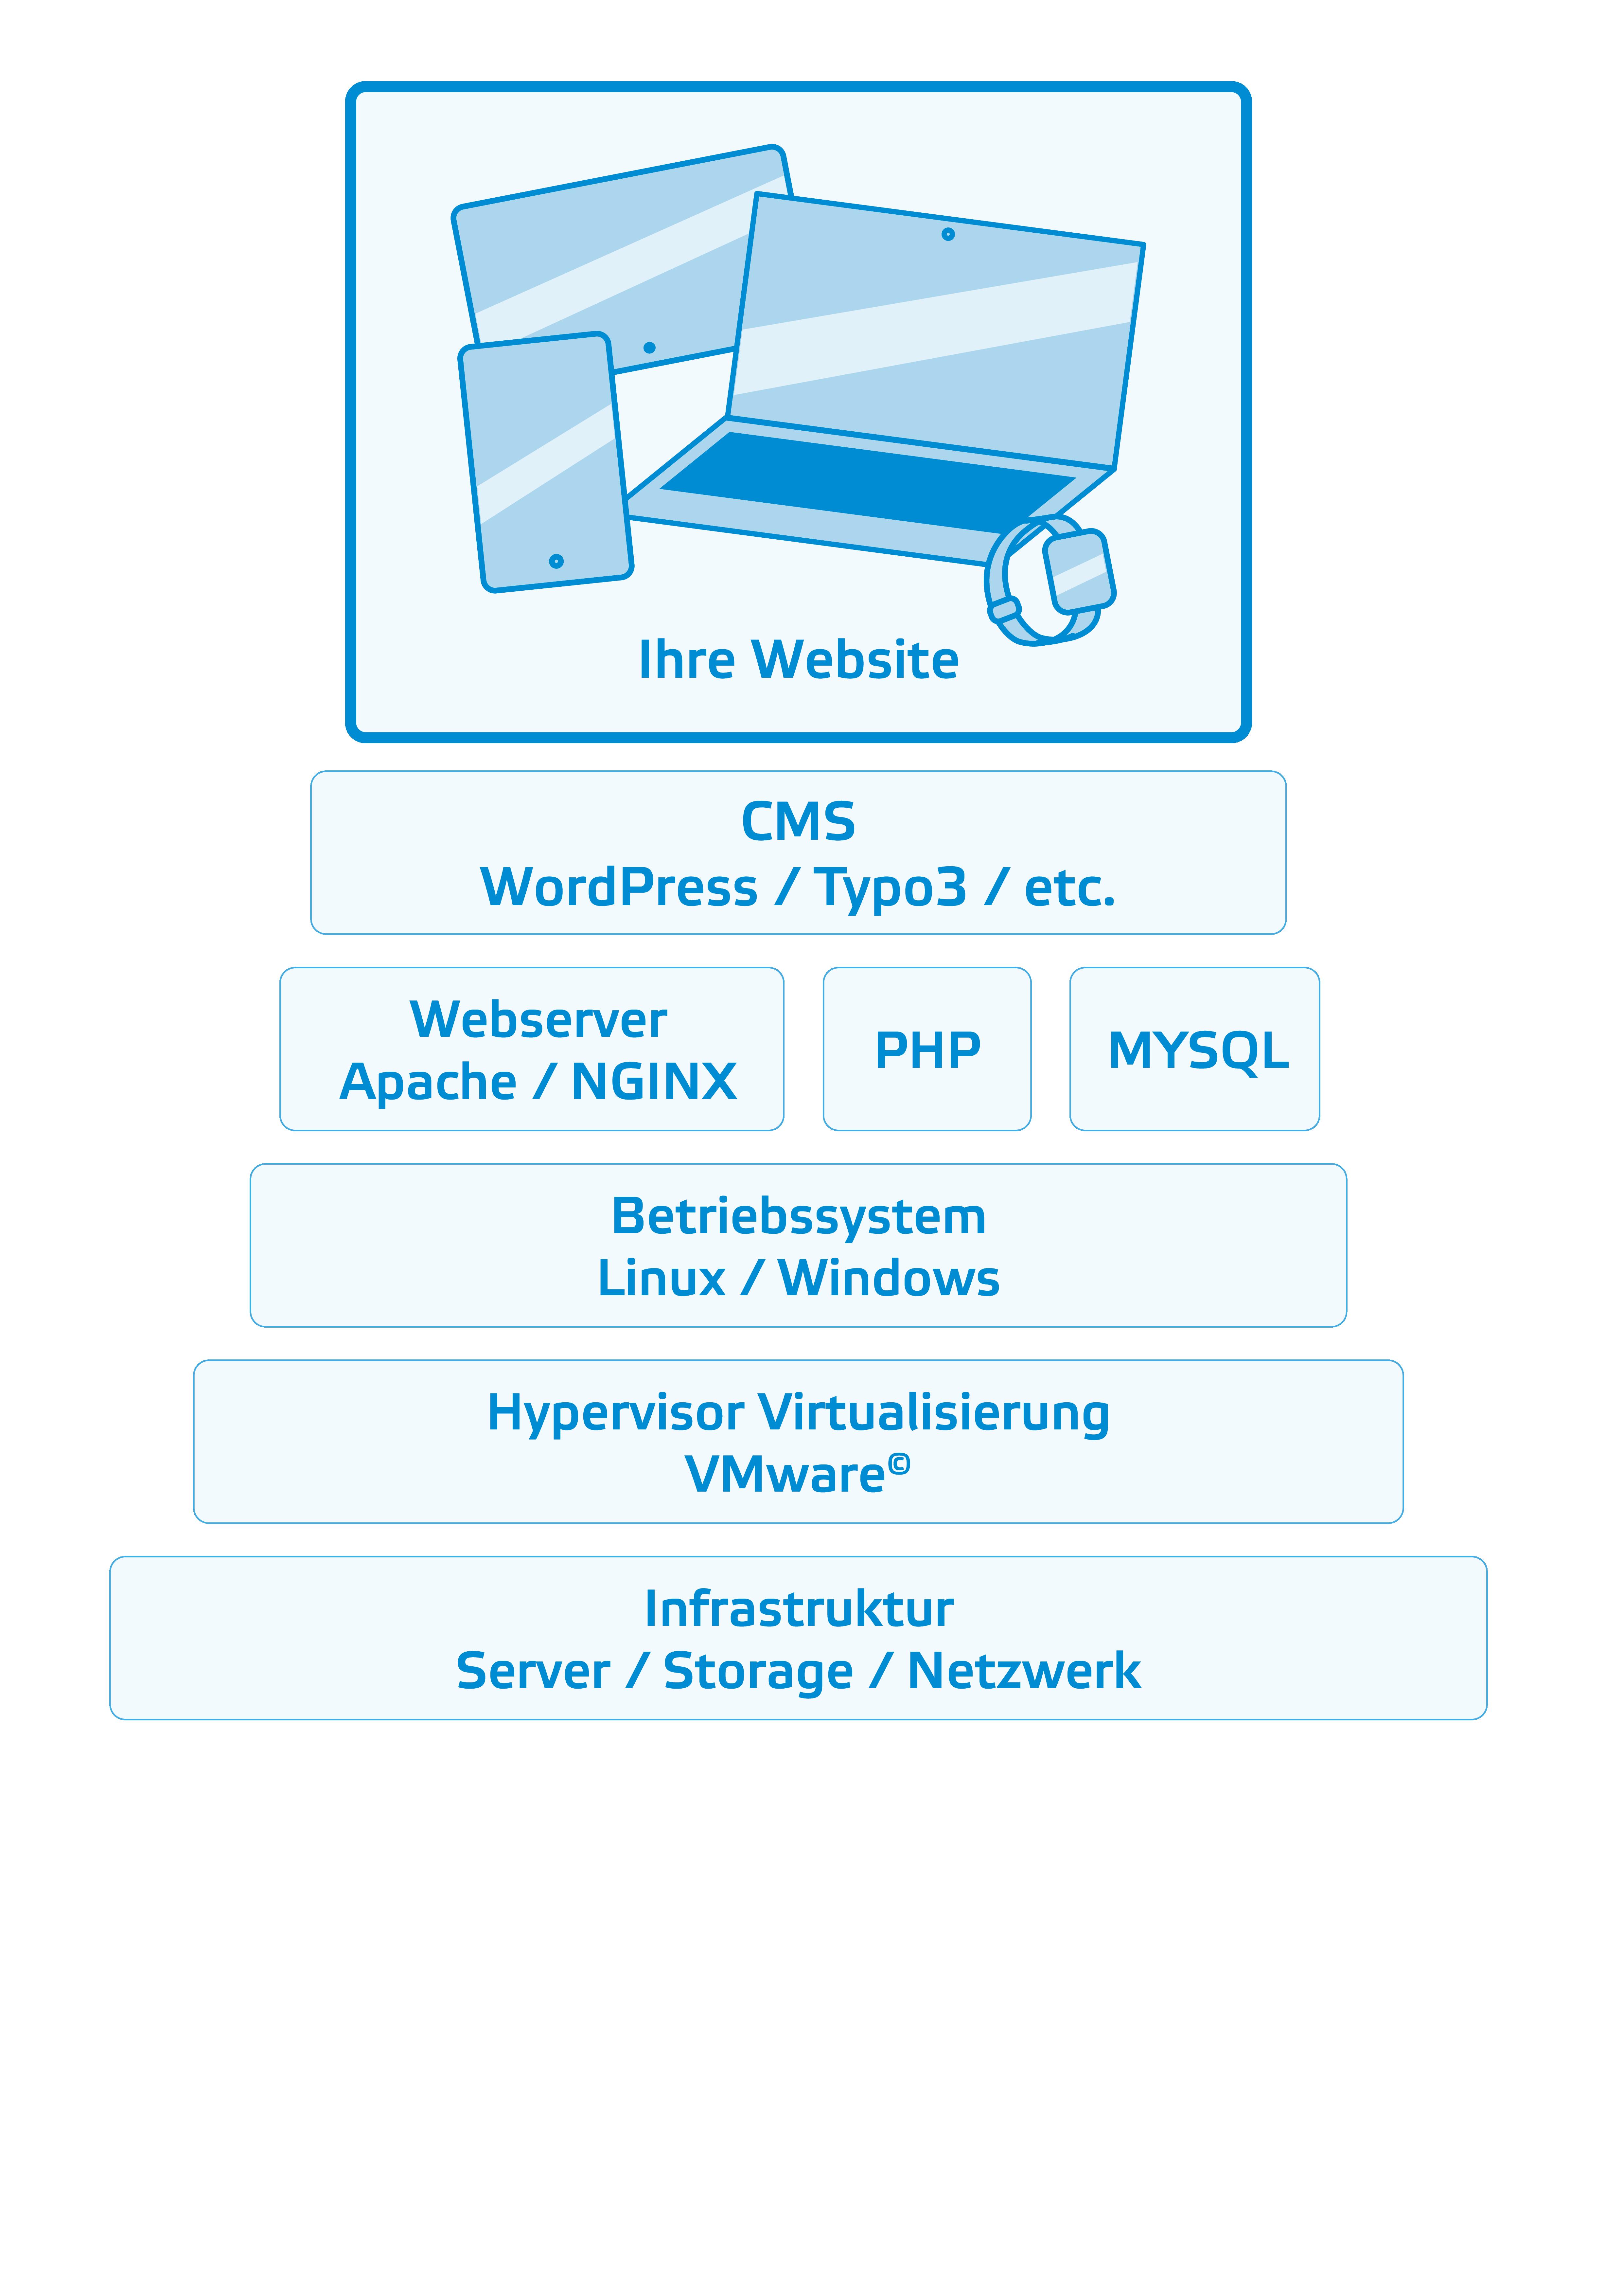 Webserver aufbau